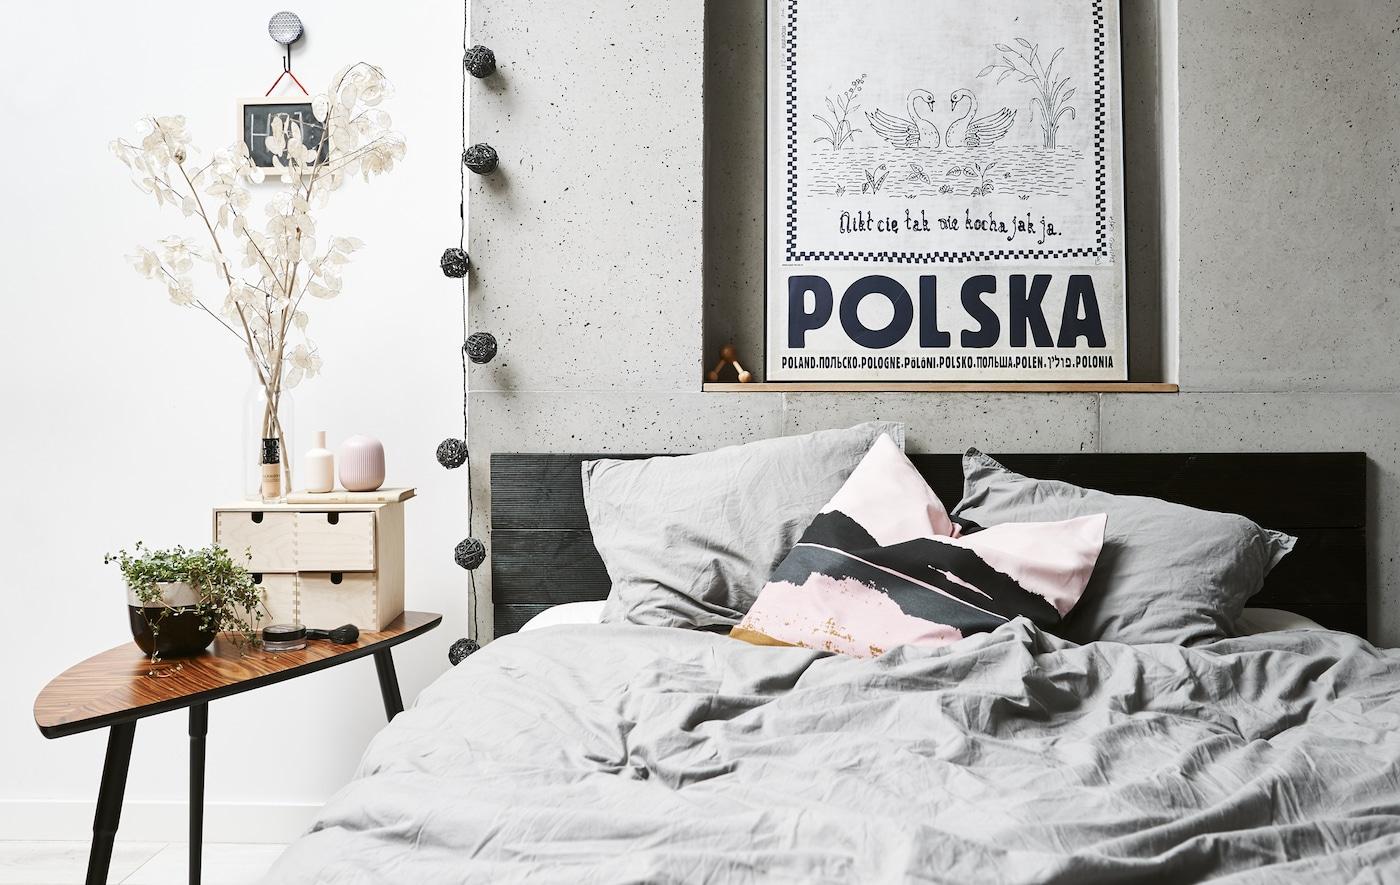 Spavaća soba s bračnim krevetom i noćnim ormarićem.